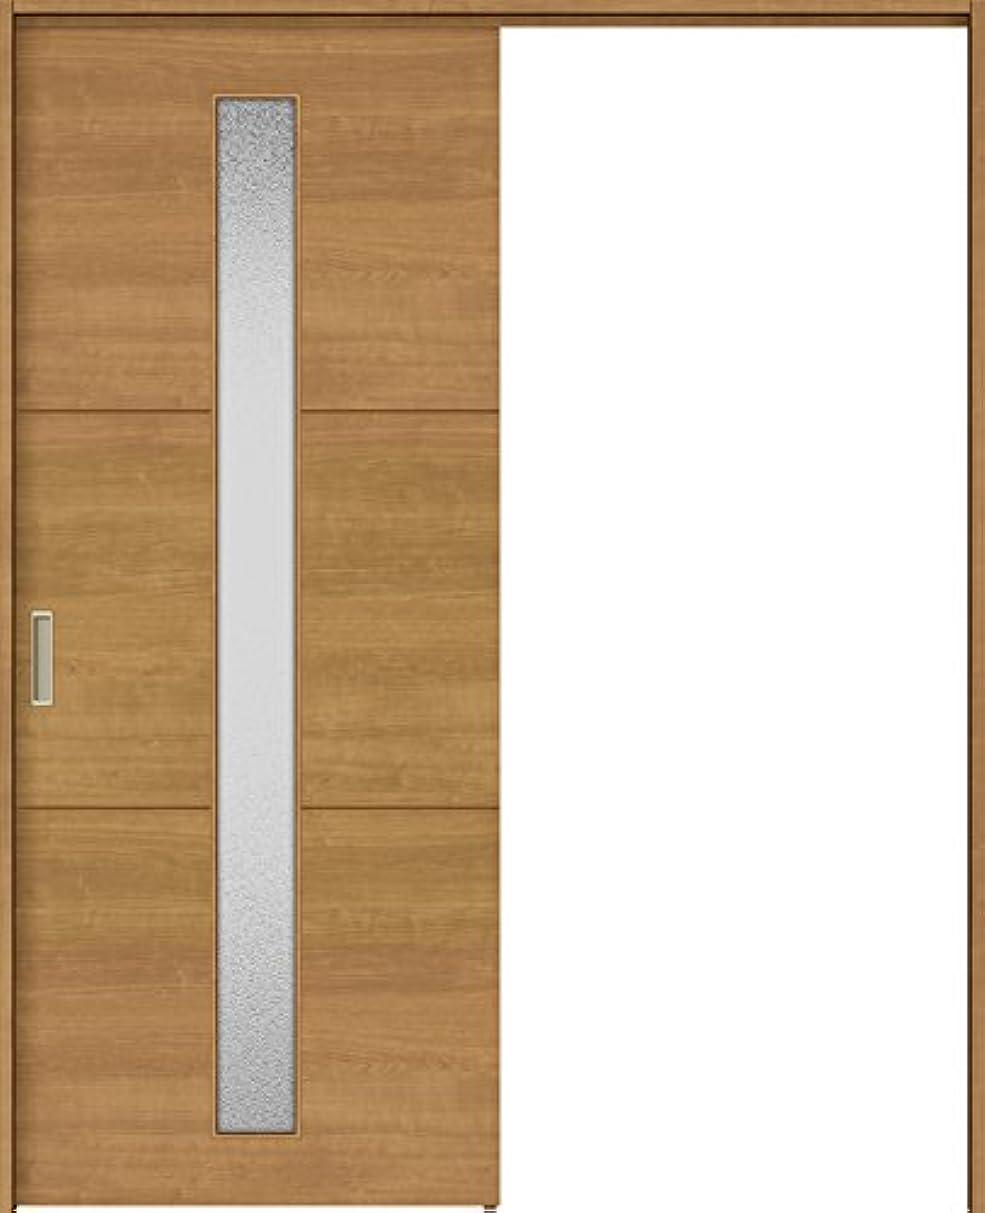 ウガンダコテージエレベーターラシッサS 上吊引戸 片引戸標準 ASUK-LGD 1820J 錠付 W:1,824mm × H:2,023mm ノンケーシング 本体/枠色:クリエダーク(DD) 勝手:左勝手 枠種類:115mm幅(ノンケーシング枠) 引手(シャインニッケル) 床見切り:なし 機能:ブレーキ プッシュ錠:表示錠(シャインニッケル) 錠加工位置:標準位置 LIXIL リクシル TOSTEM トステム